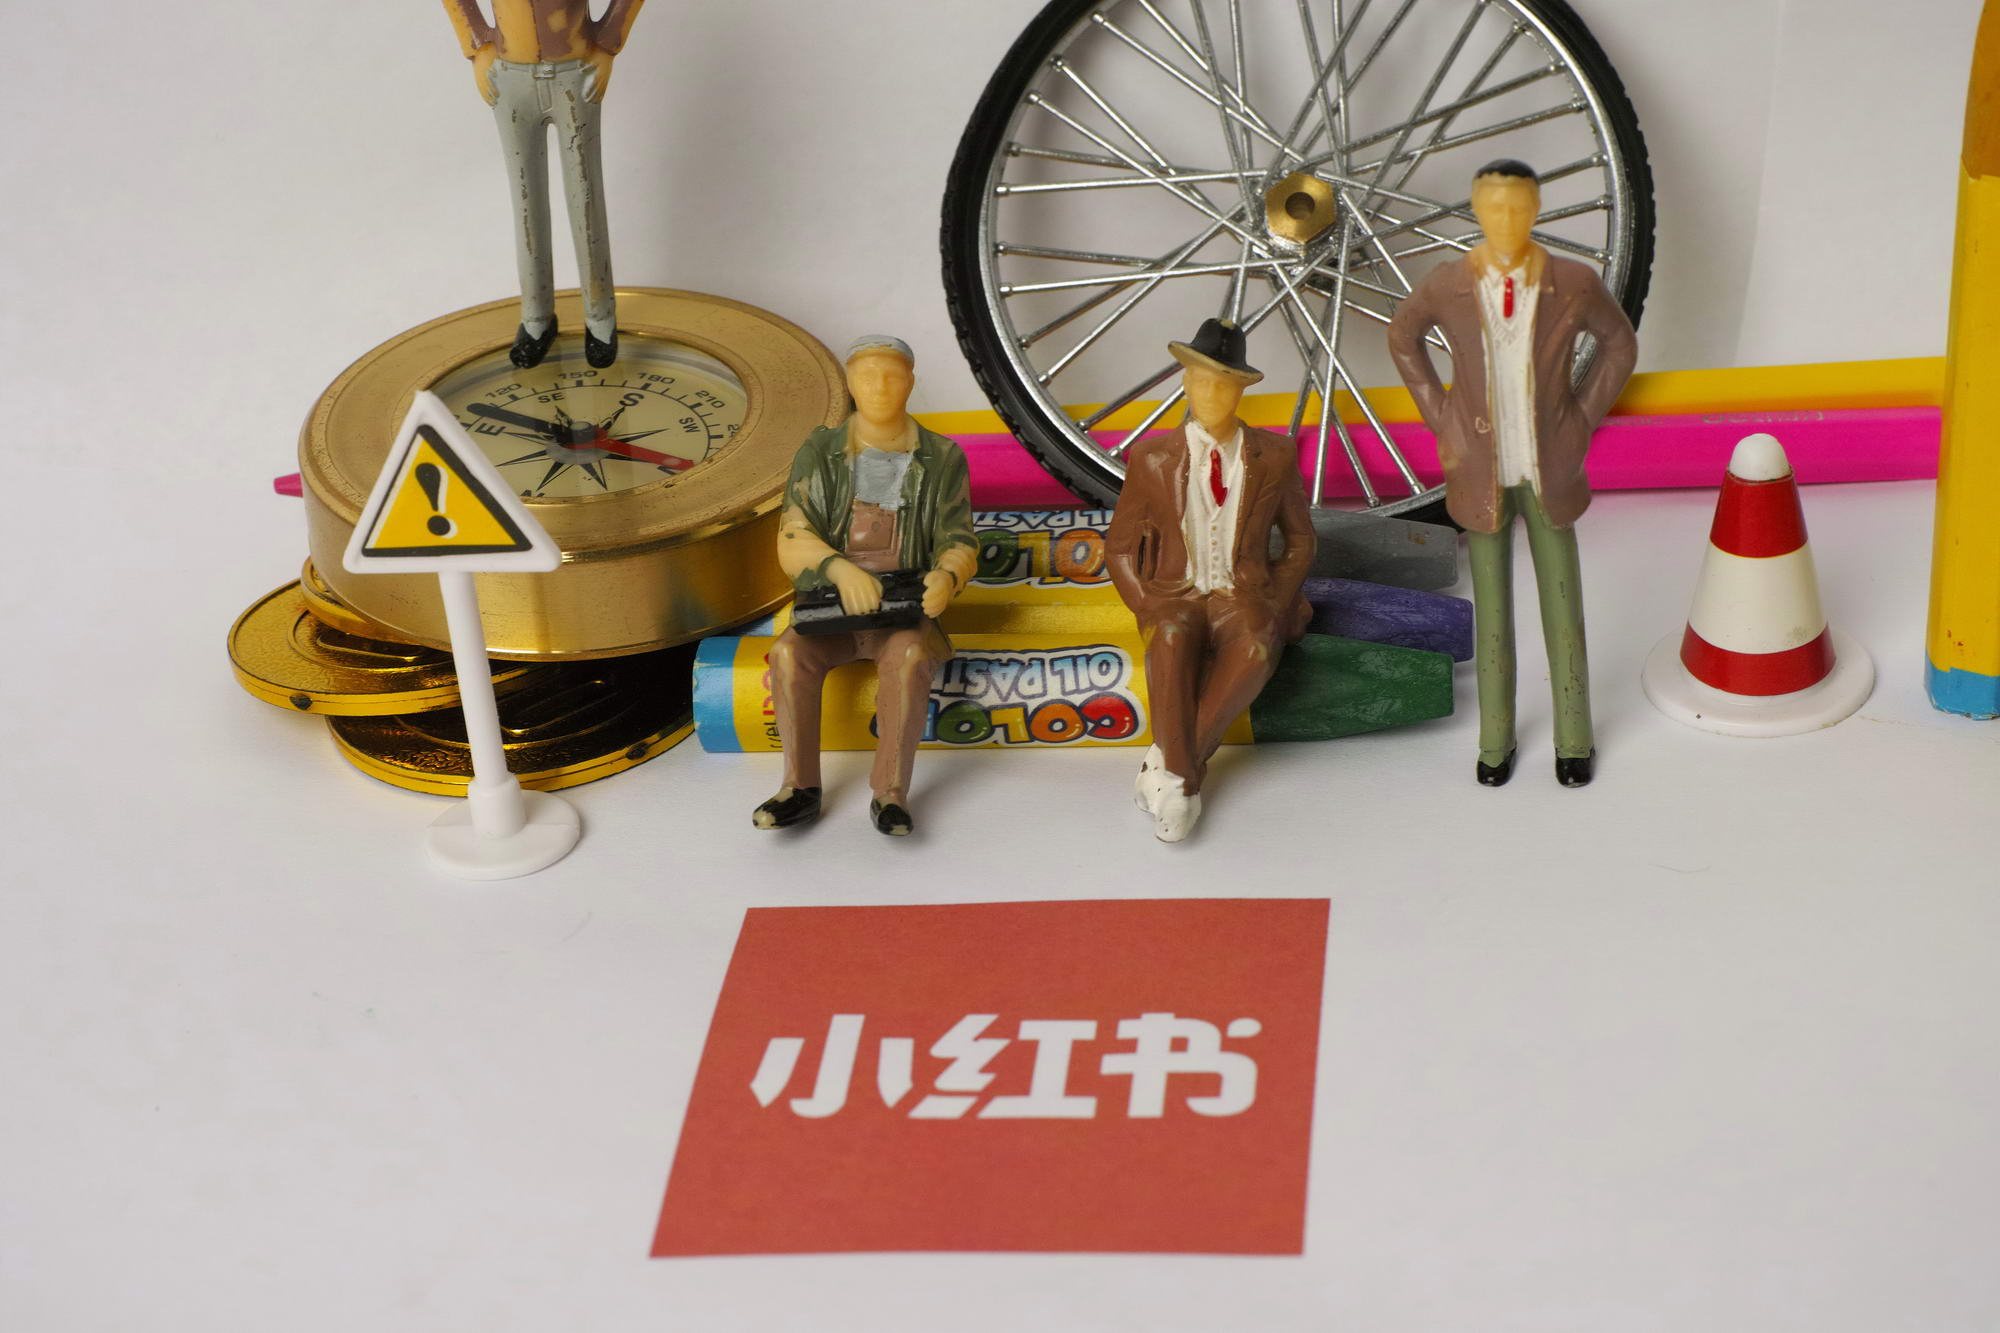 付鹏宣布10月21日将在小红书直播带货首秀_人物_电商报